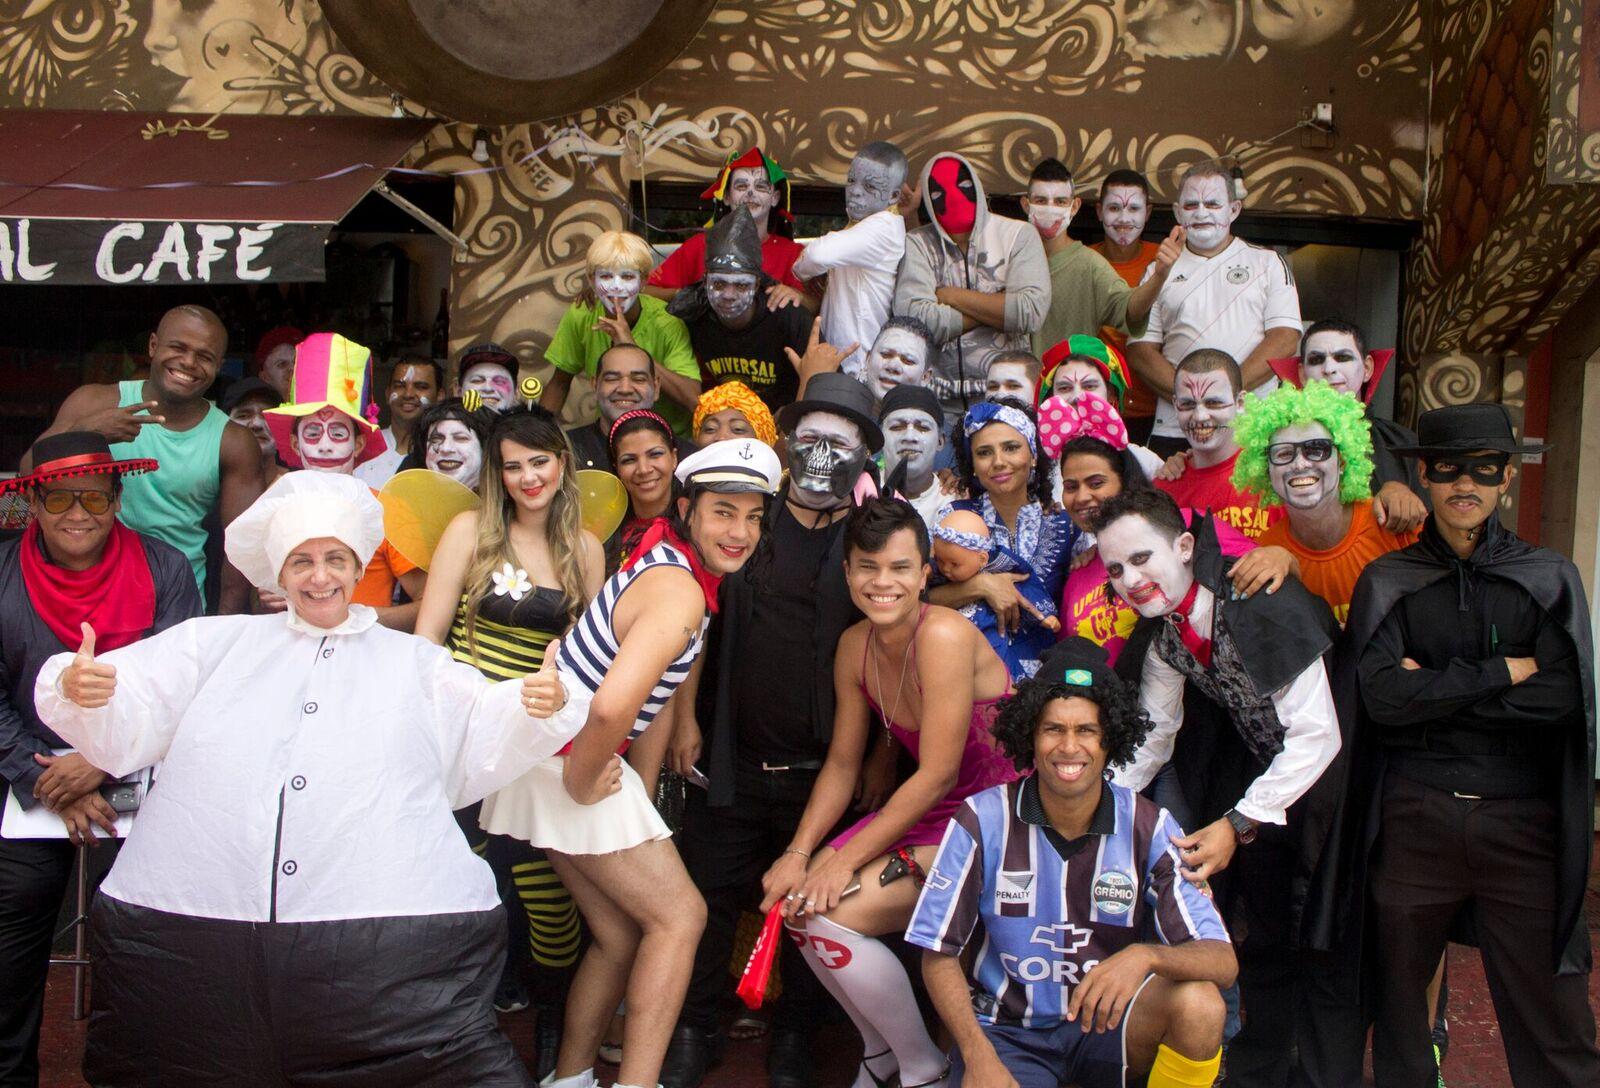 Chef Mara Alcamim e equipe do Restaurante Universal - Bailinho de Carnaval do Universal - Crédito da foto_ Julia Costa e Victor Vec_preview.jpeg